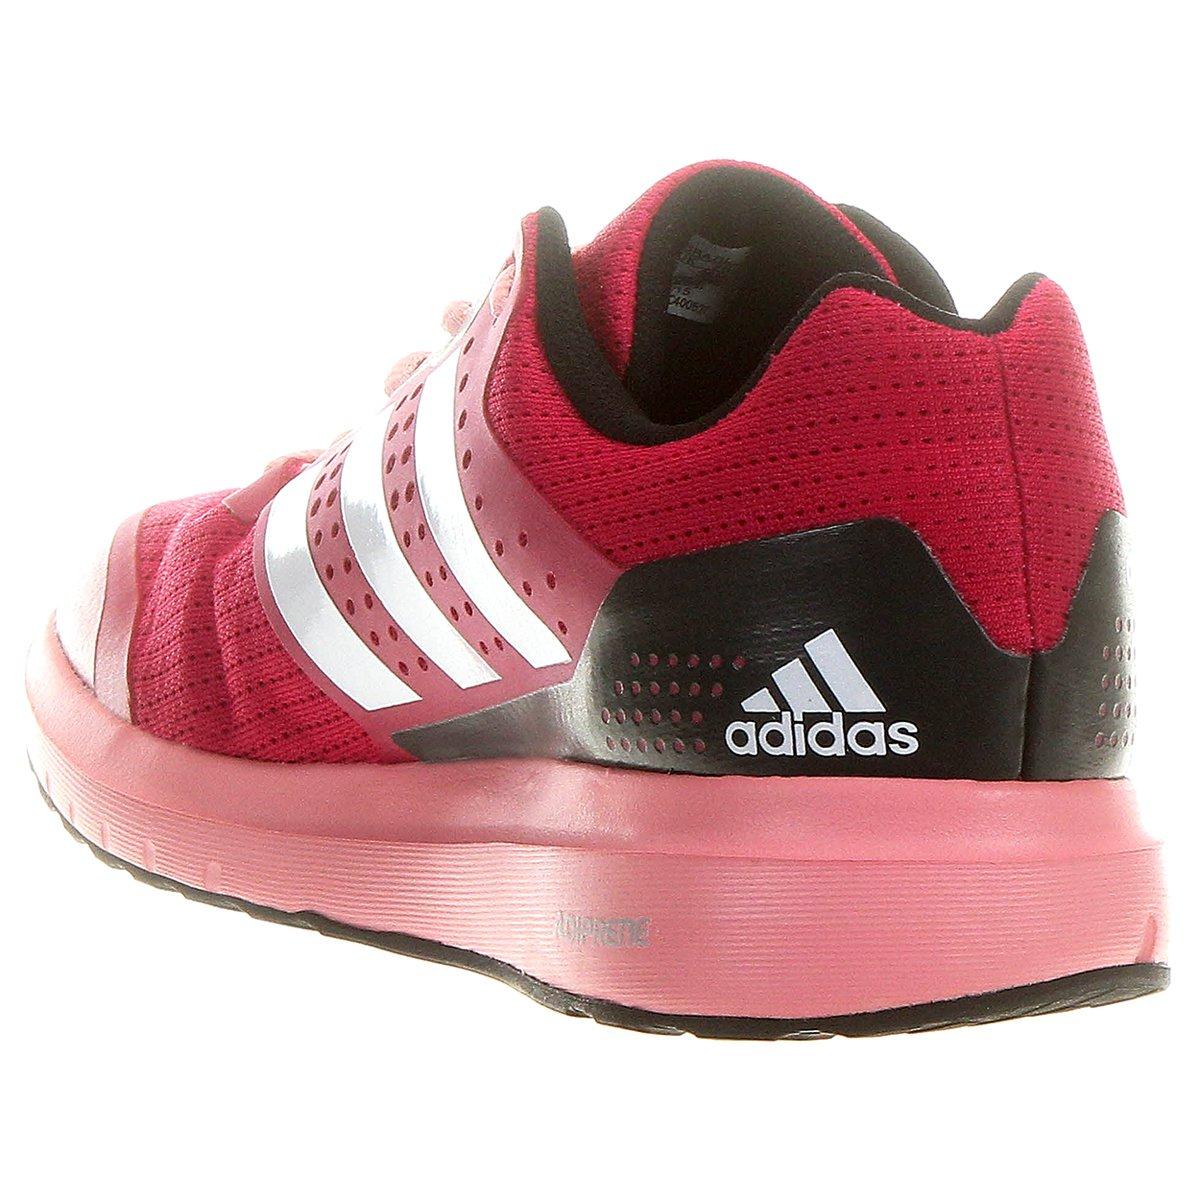 d44e9c0914 Tênis Adidas Duramo 7 Feminino - Rosa e Cinza - Compre Agora